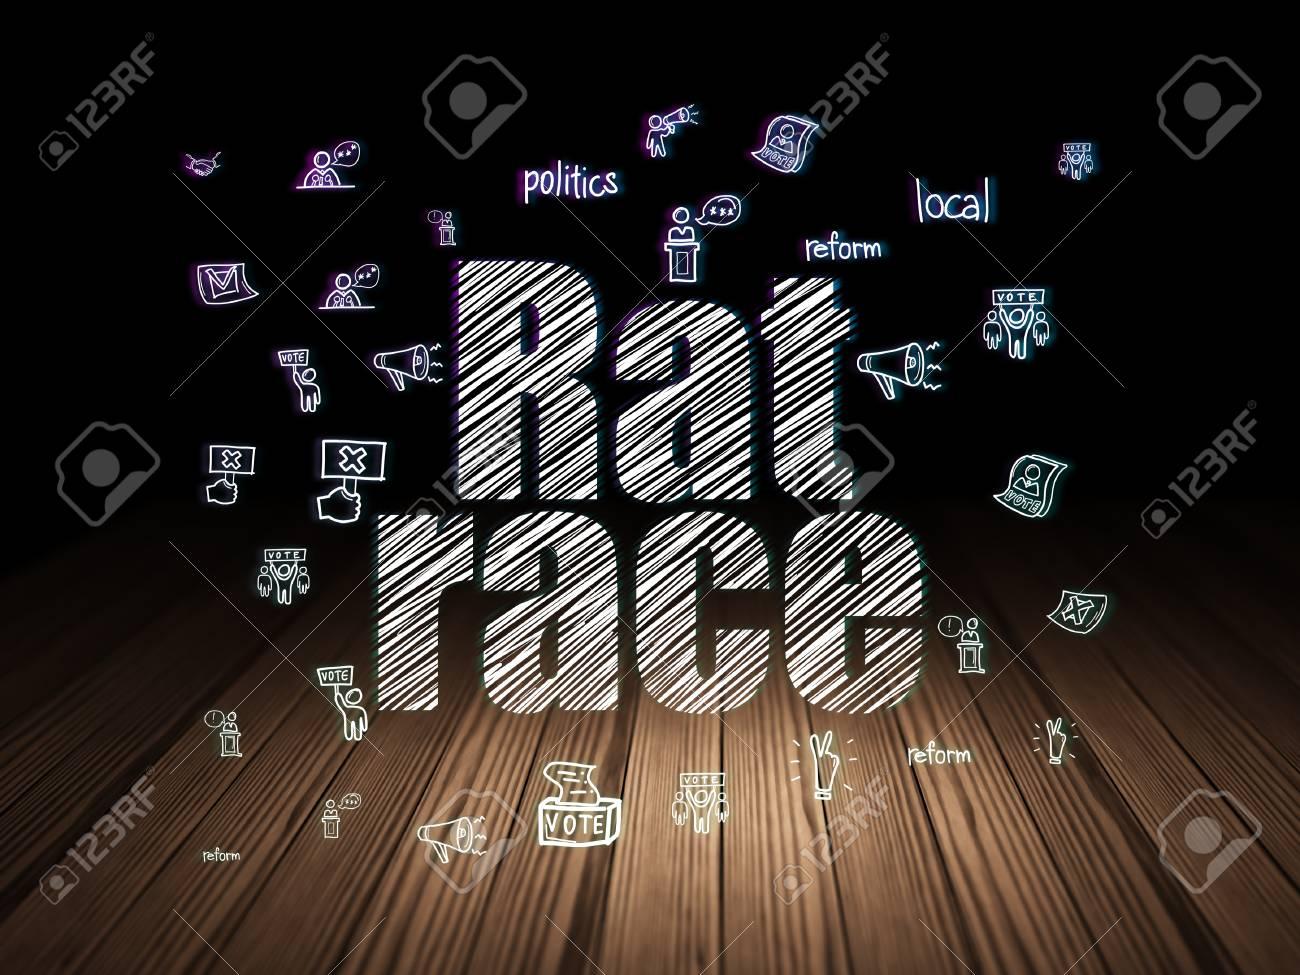 concept de la politique: texte incandescent rat race, hand drawn